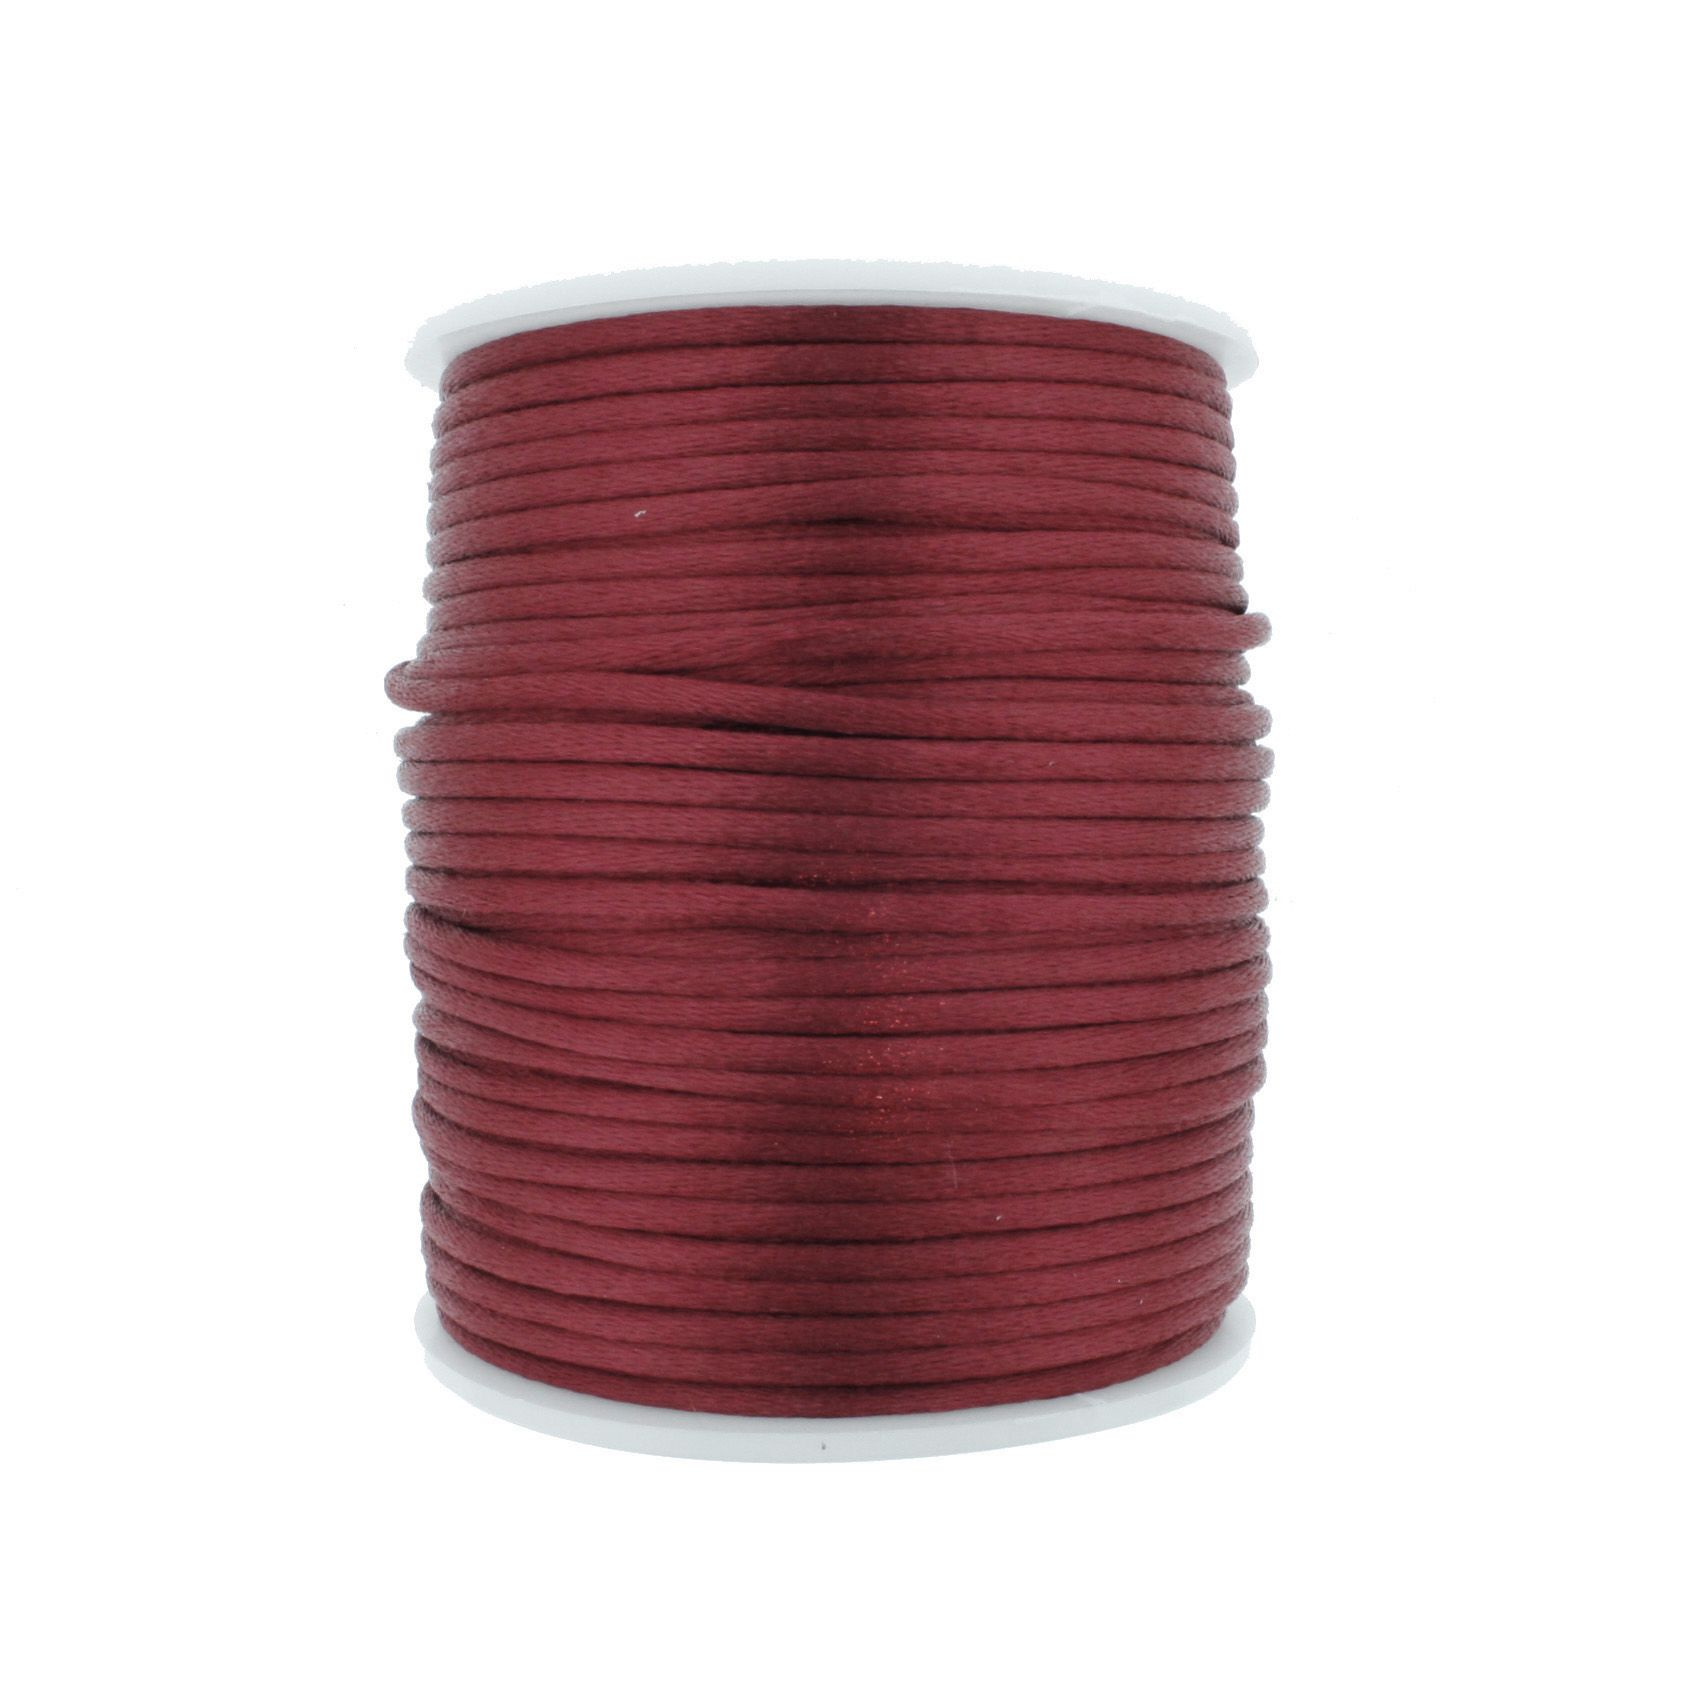 Cordão de Seda - Vermelho Marsala - 2mm  - Stéphanie Bijoux® - Peças para Bijuterias e Artesanato